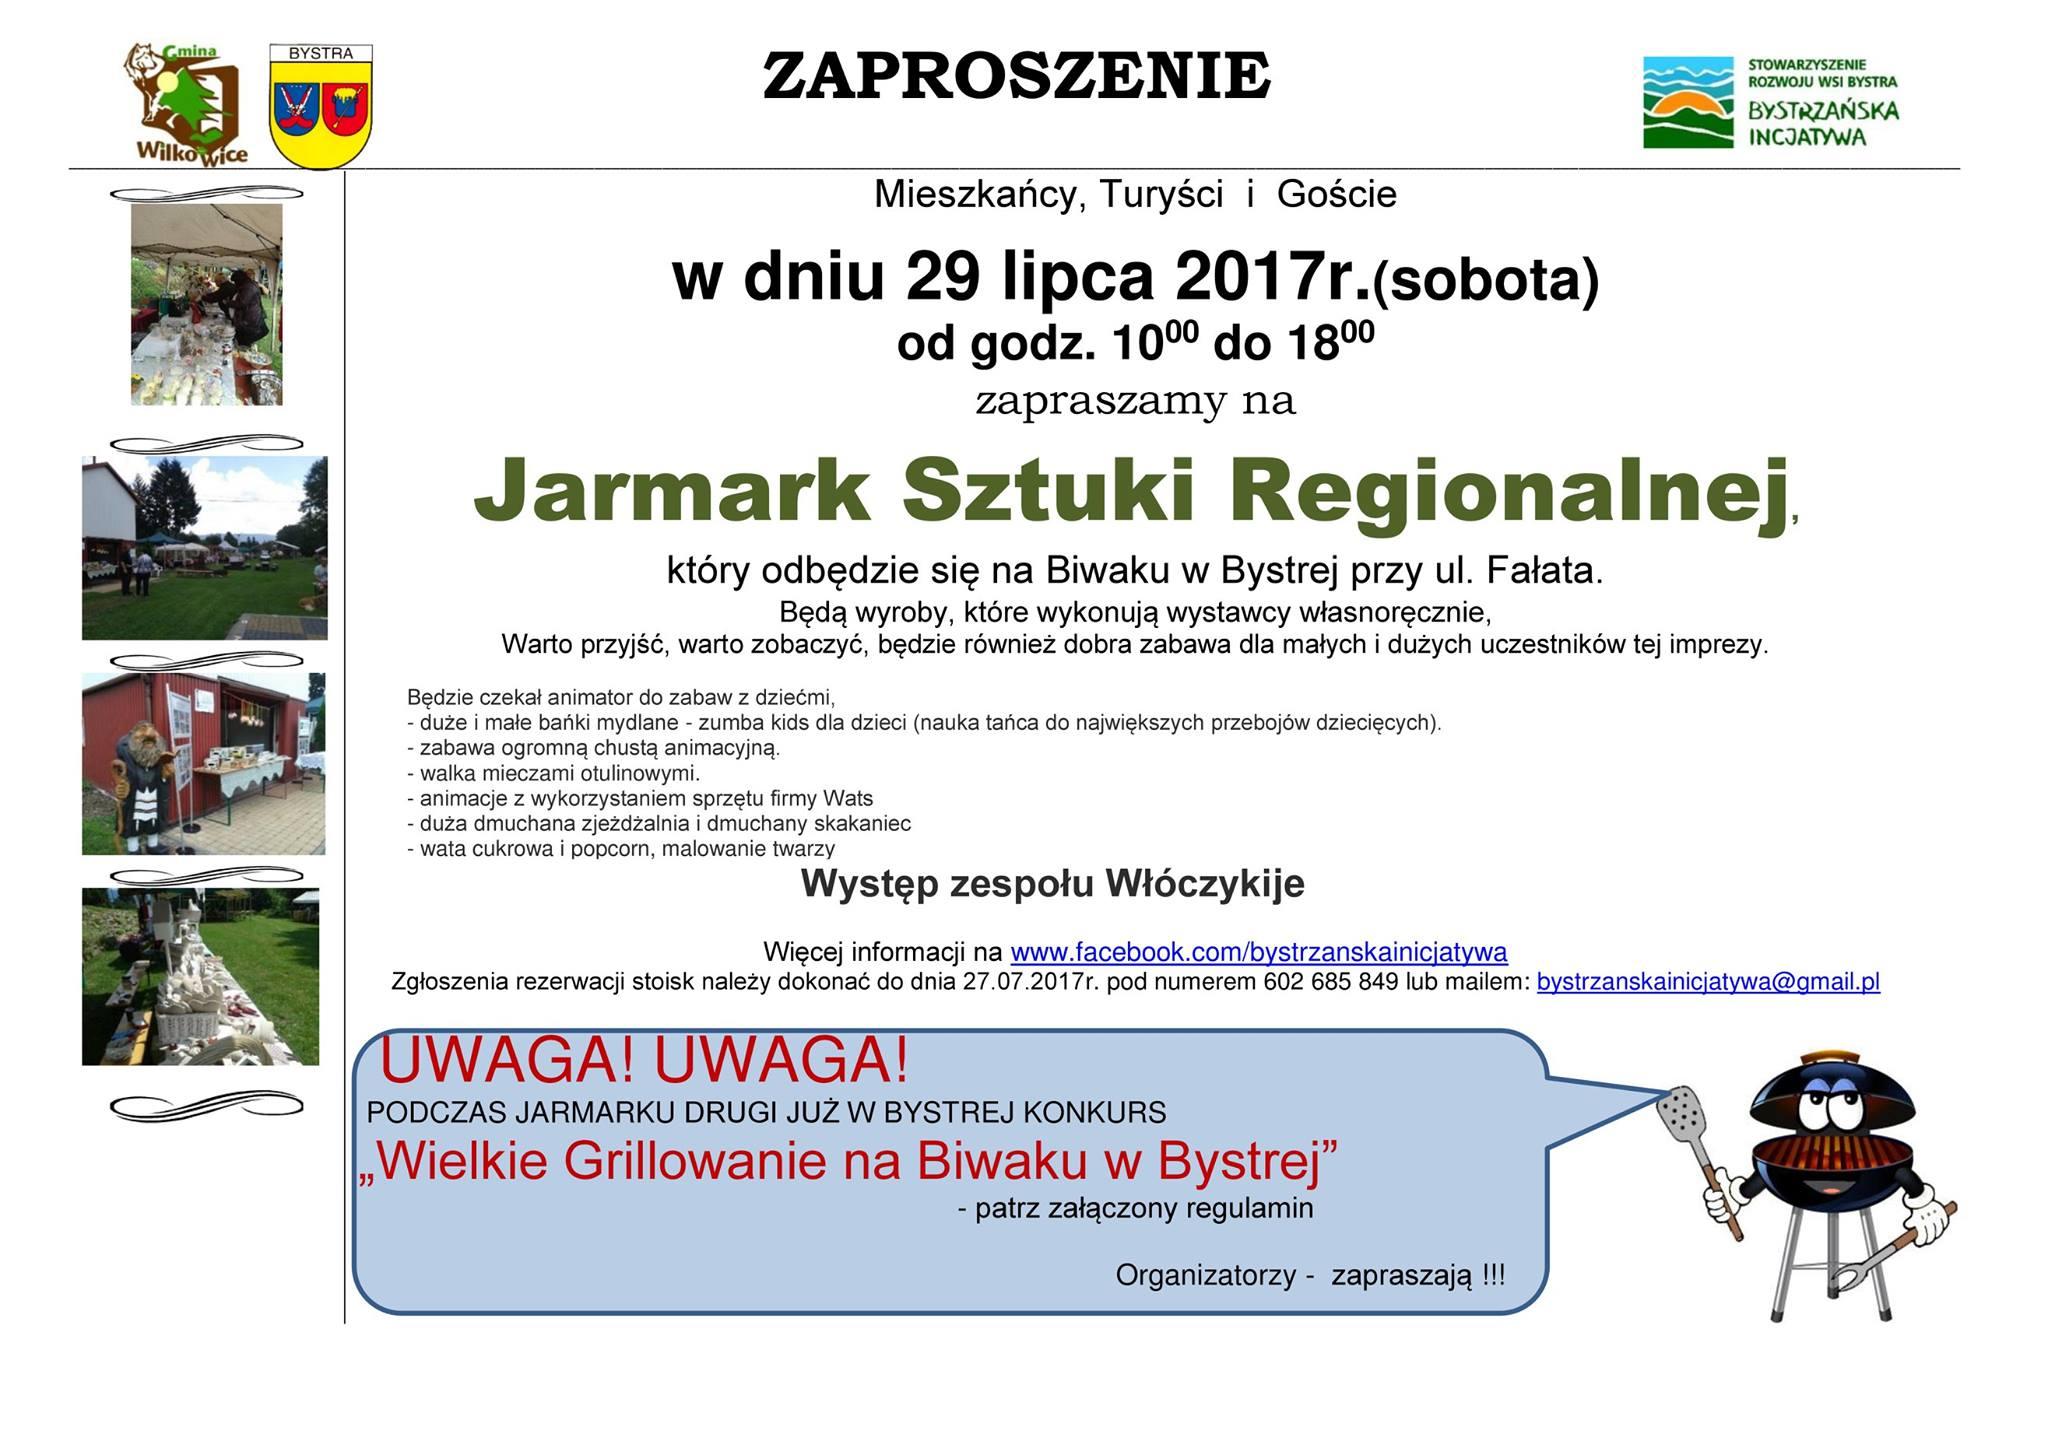 Jarmark Sztuki Regionalnej 29 lipca 2017r.(sobota)